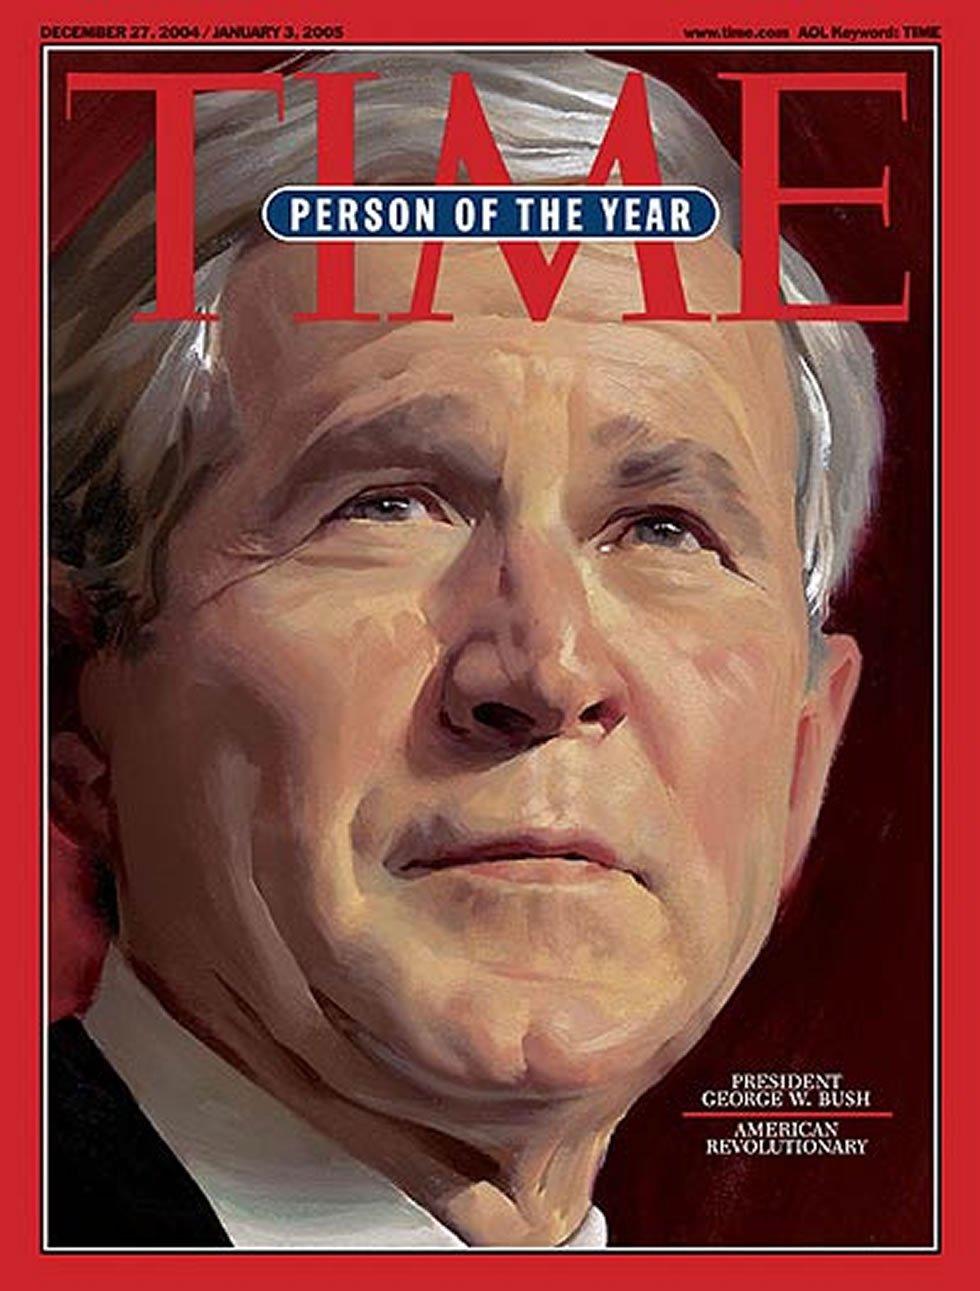 Segunda ocasión en que el presidente republicano ocupa la portada de la revista